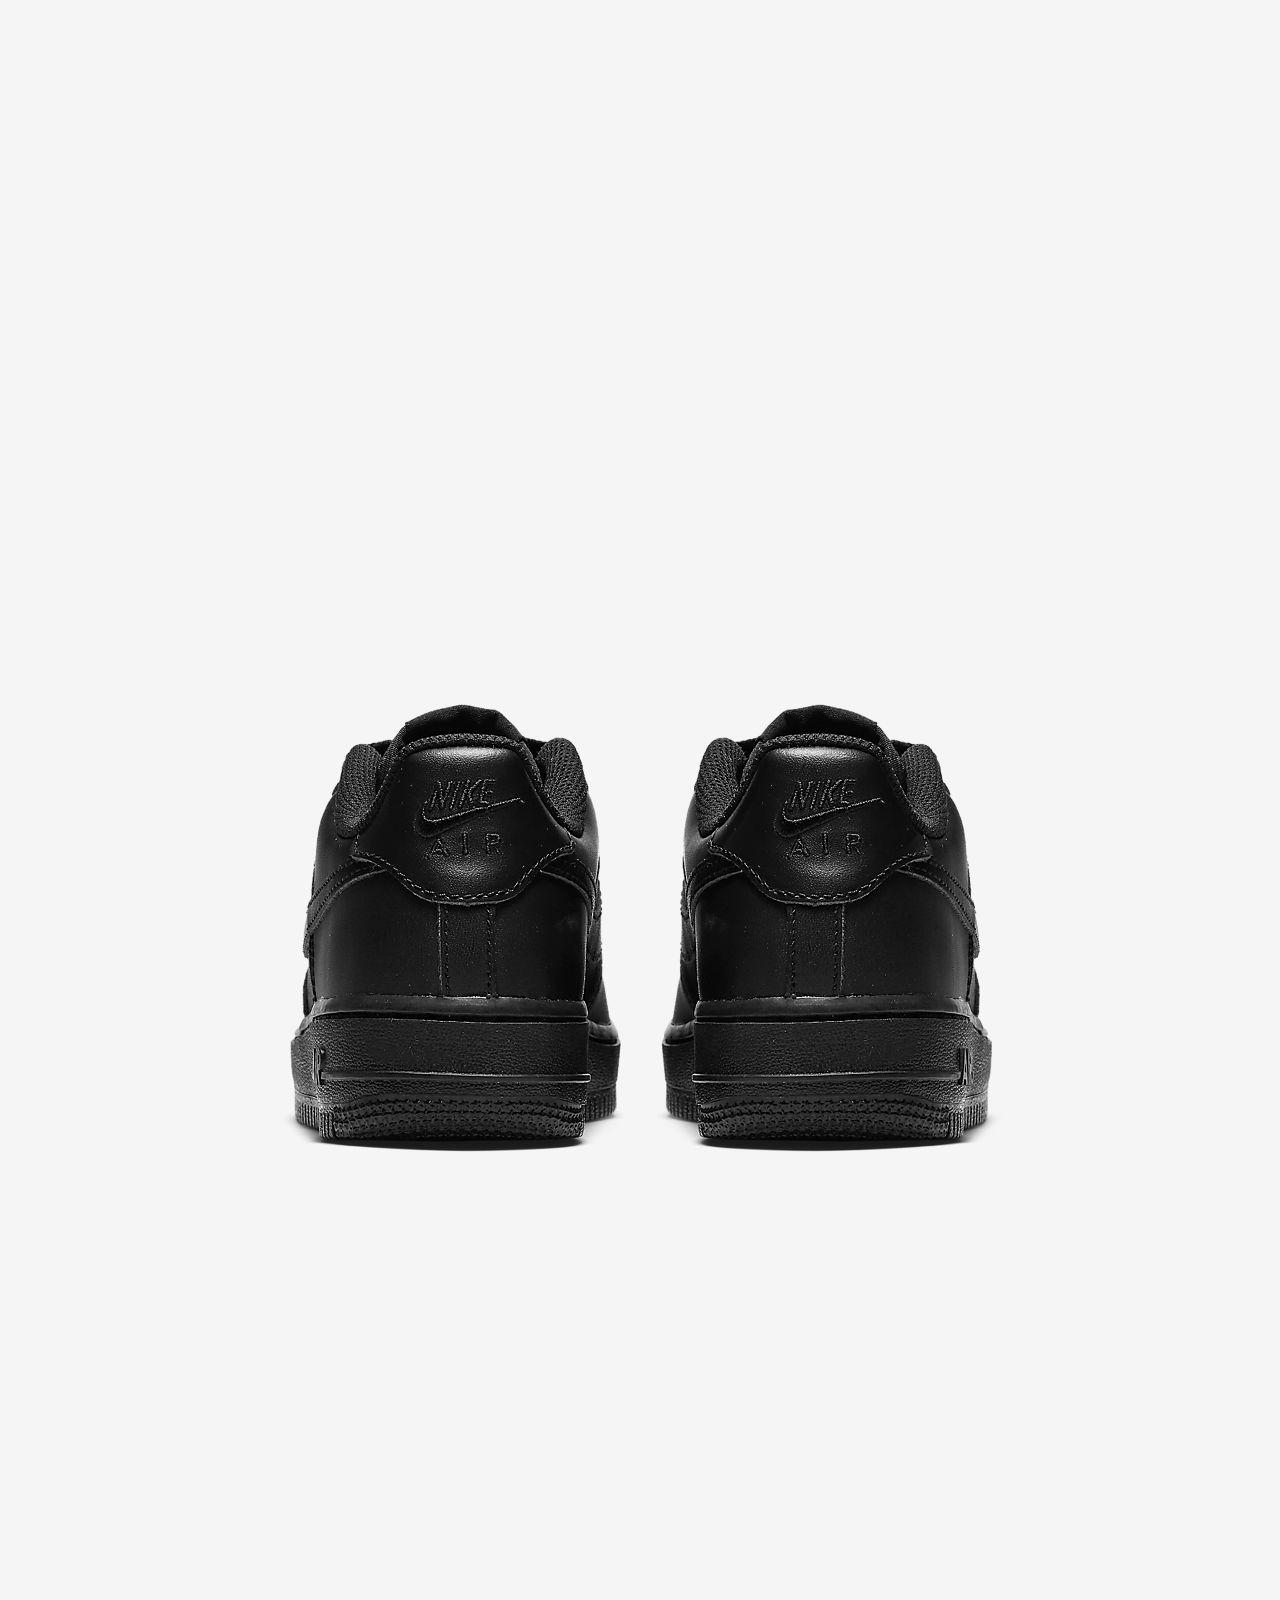 new styles 86397 28a10 ... Chaussure Nike Air Force 1 pour Enfant plus âgé